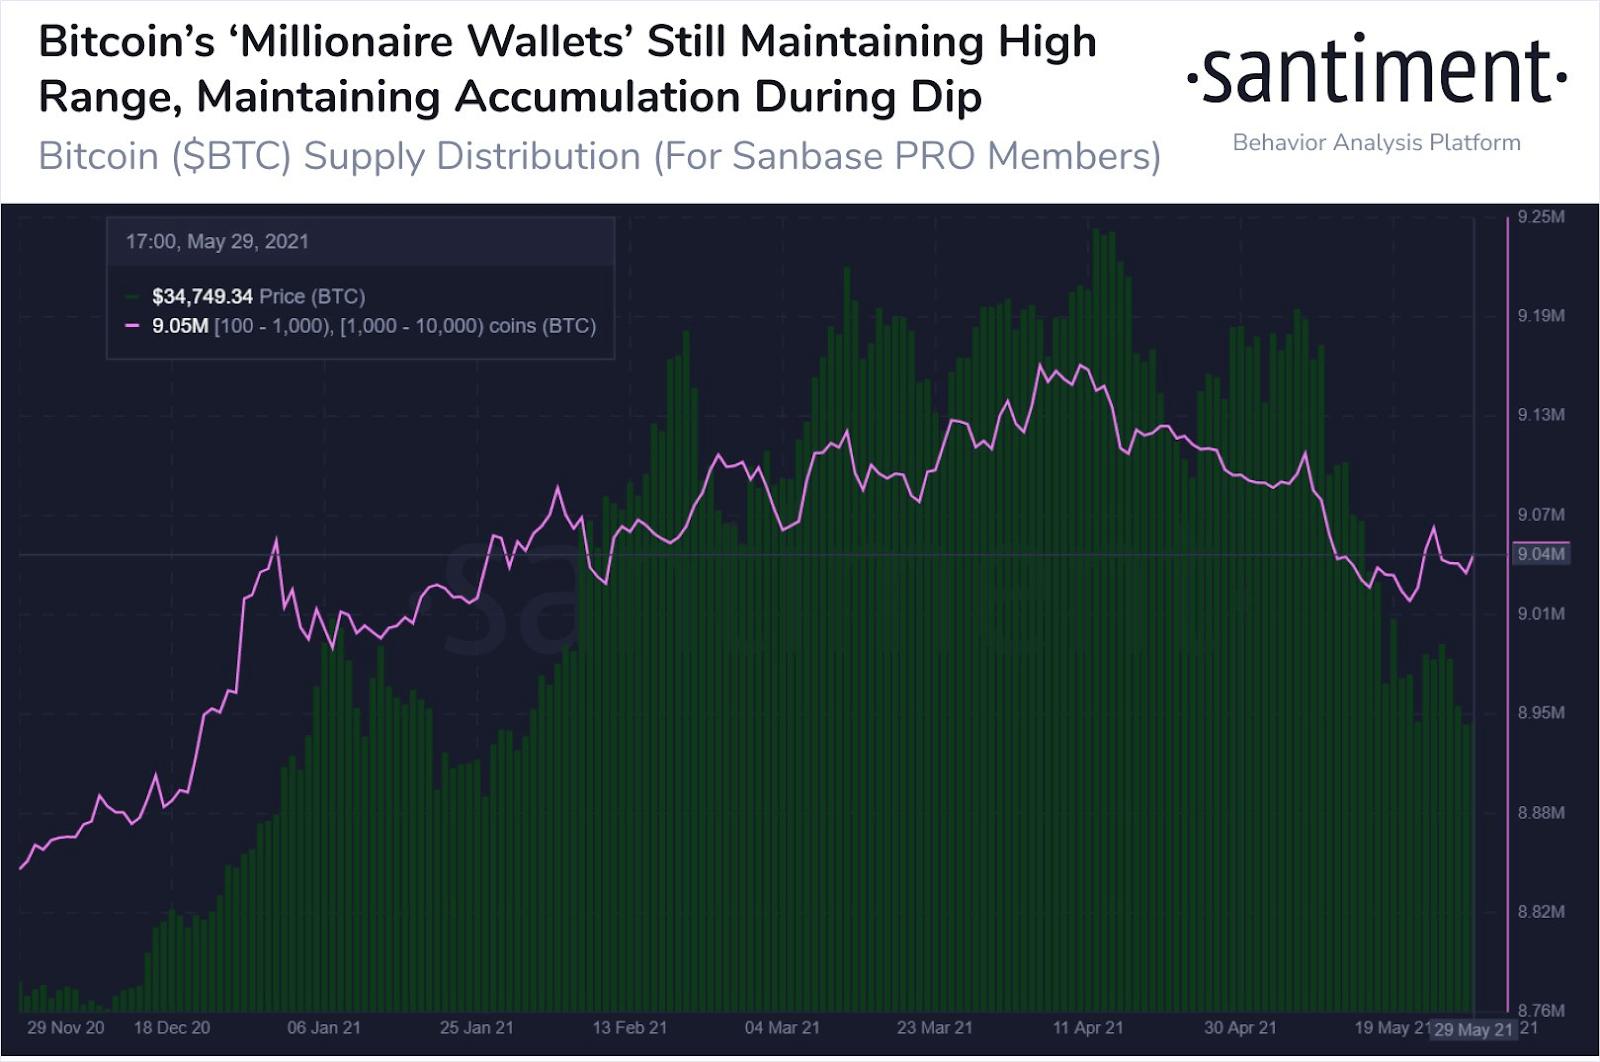 Bitcoin BTC Millionaire Wallets